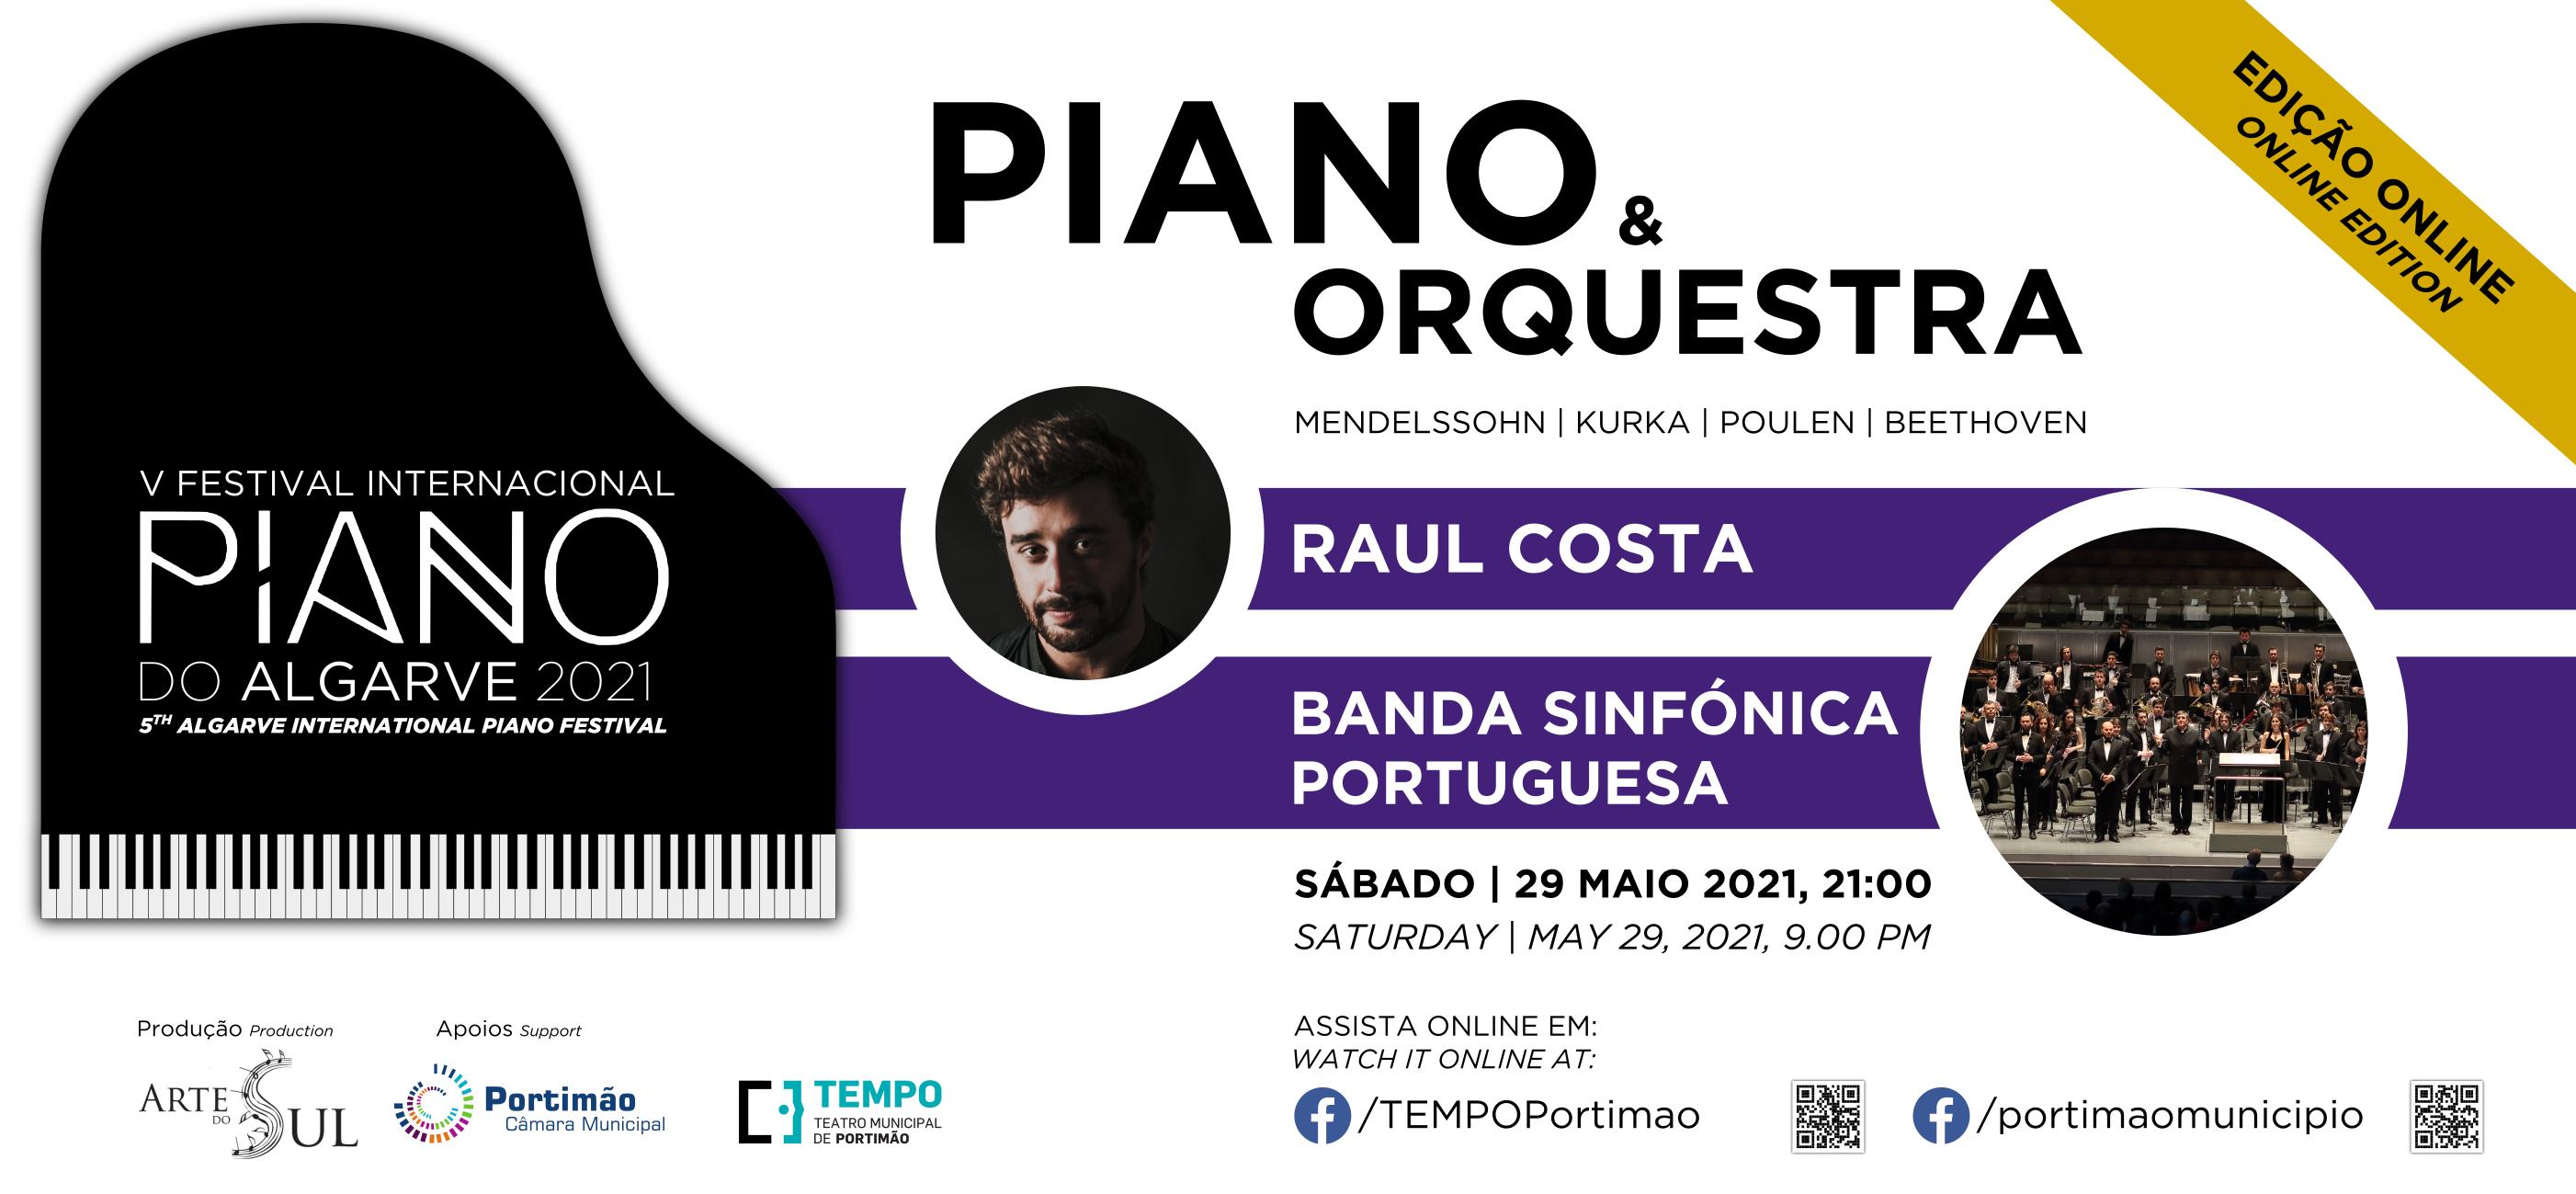 Piano & Orquestra: Raúl Costa e Banda Sinfónica Portuguesa